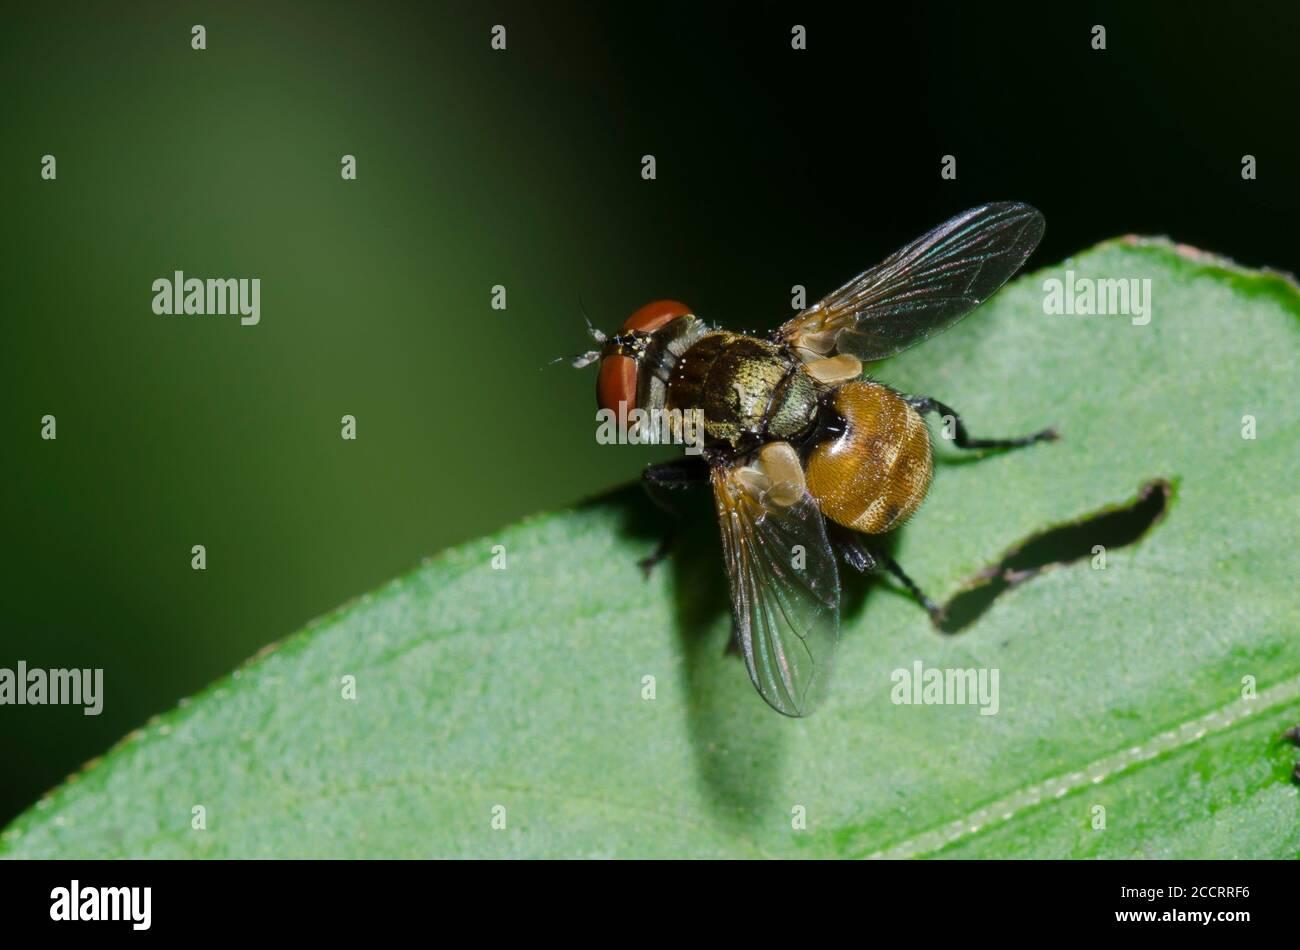 Tachinid Fly, Subfamily Phasiinae Stock Photo